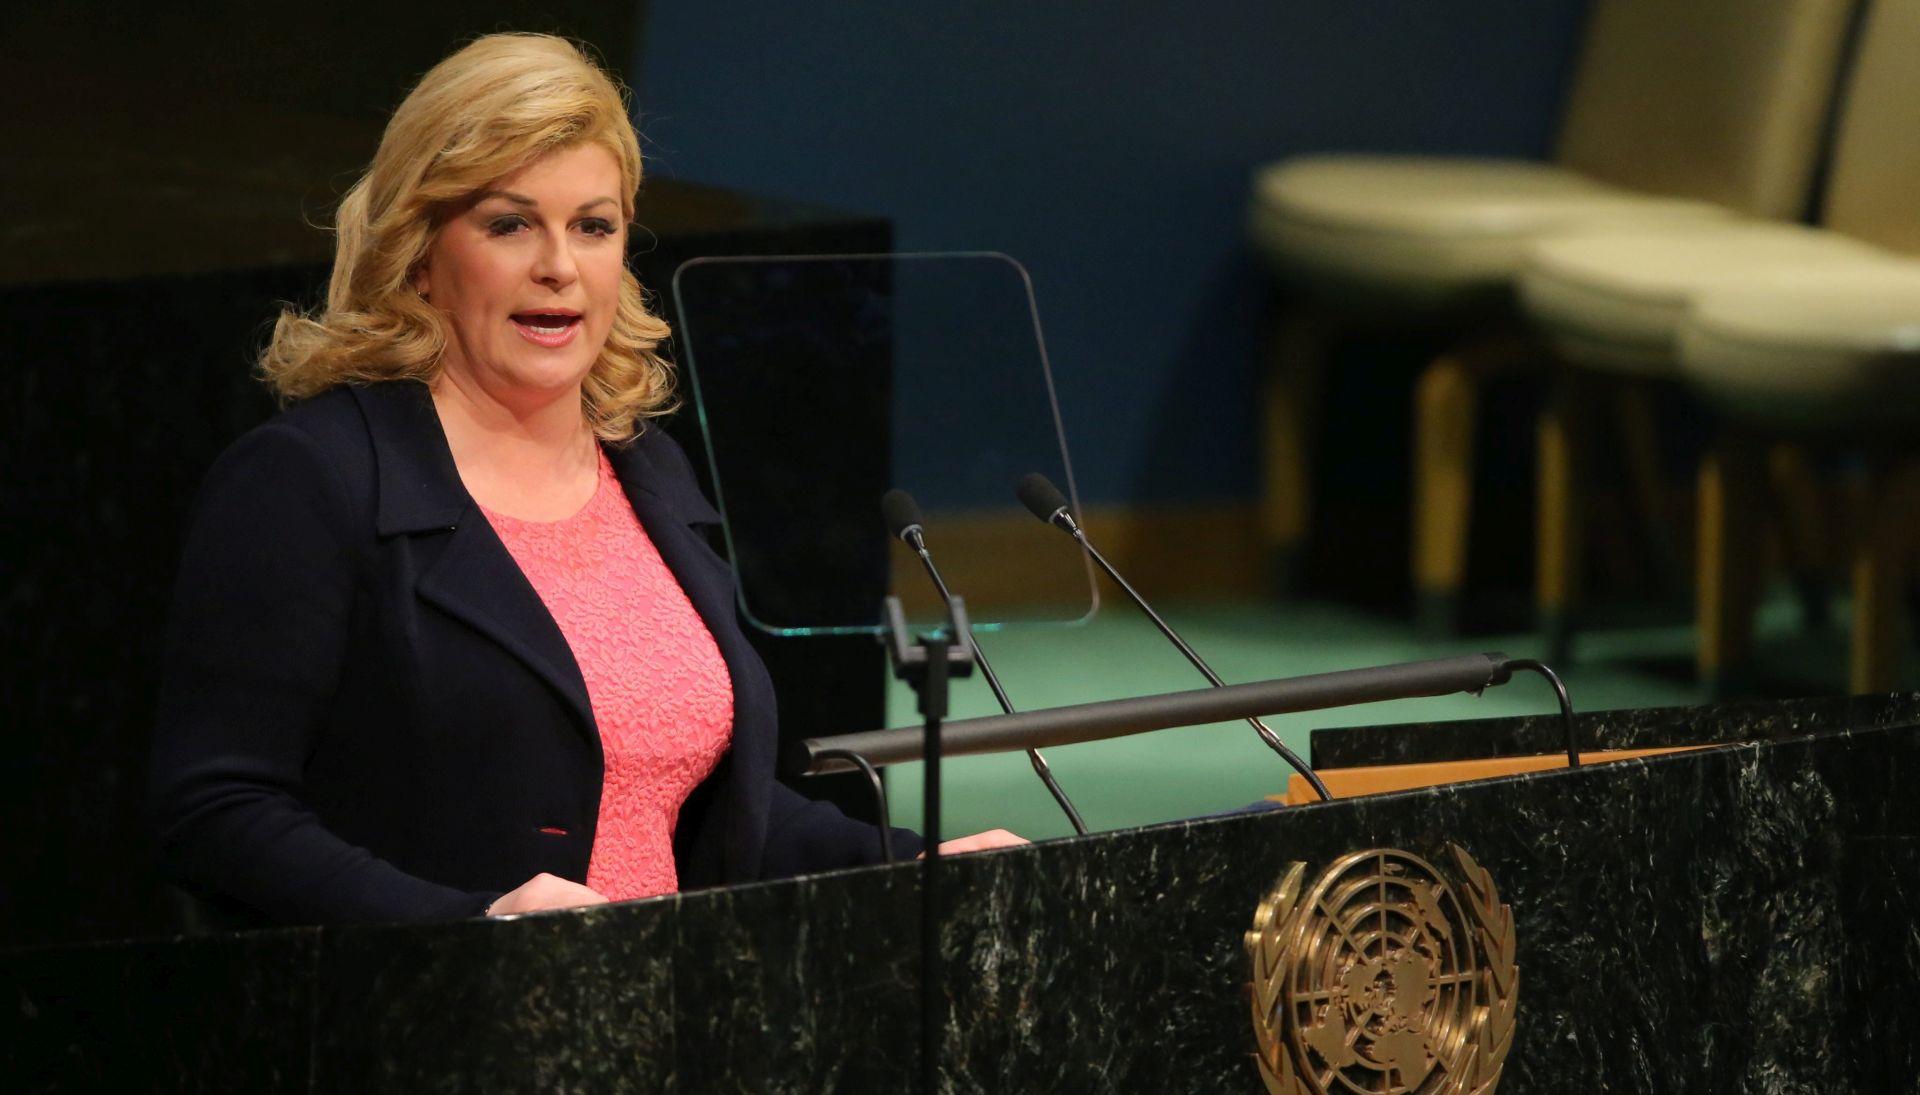 Predsjednica Grabar-Kitarović podržala razvojnu agendu UN-a do 2030.